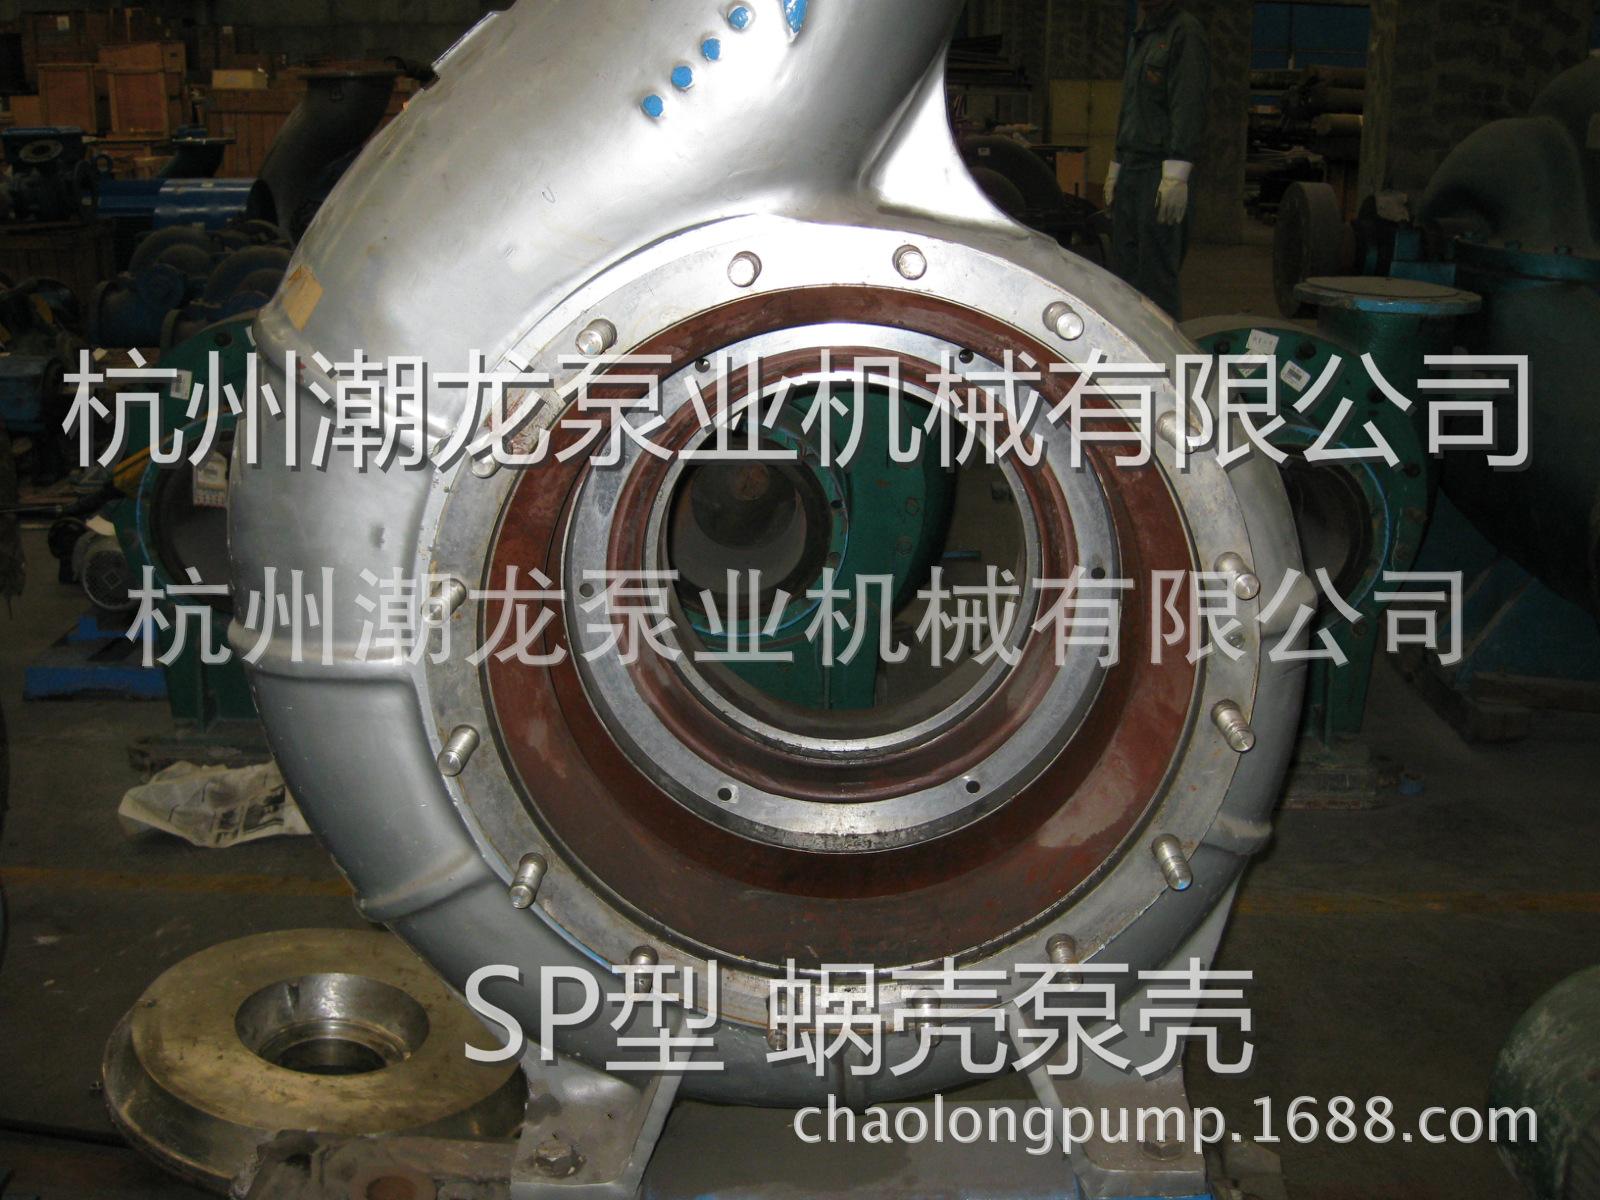 SP300-600  安德里茨重载纸浆泵 SP 浆泵 防堵塞 耐磨